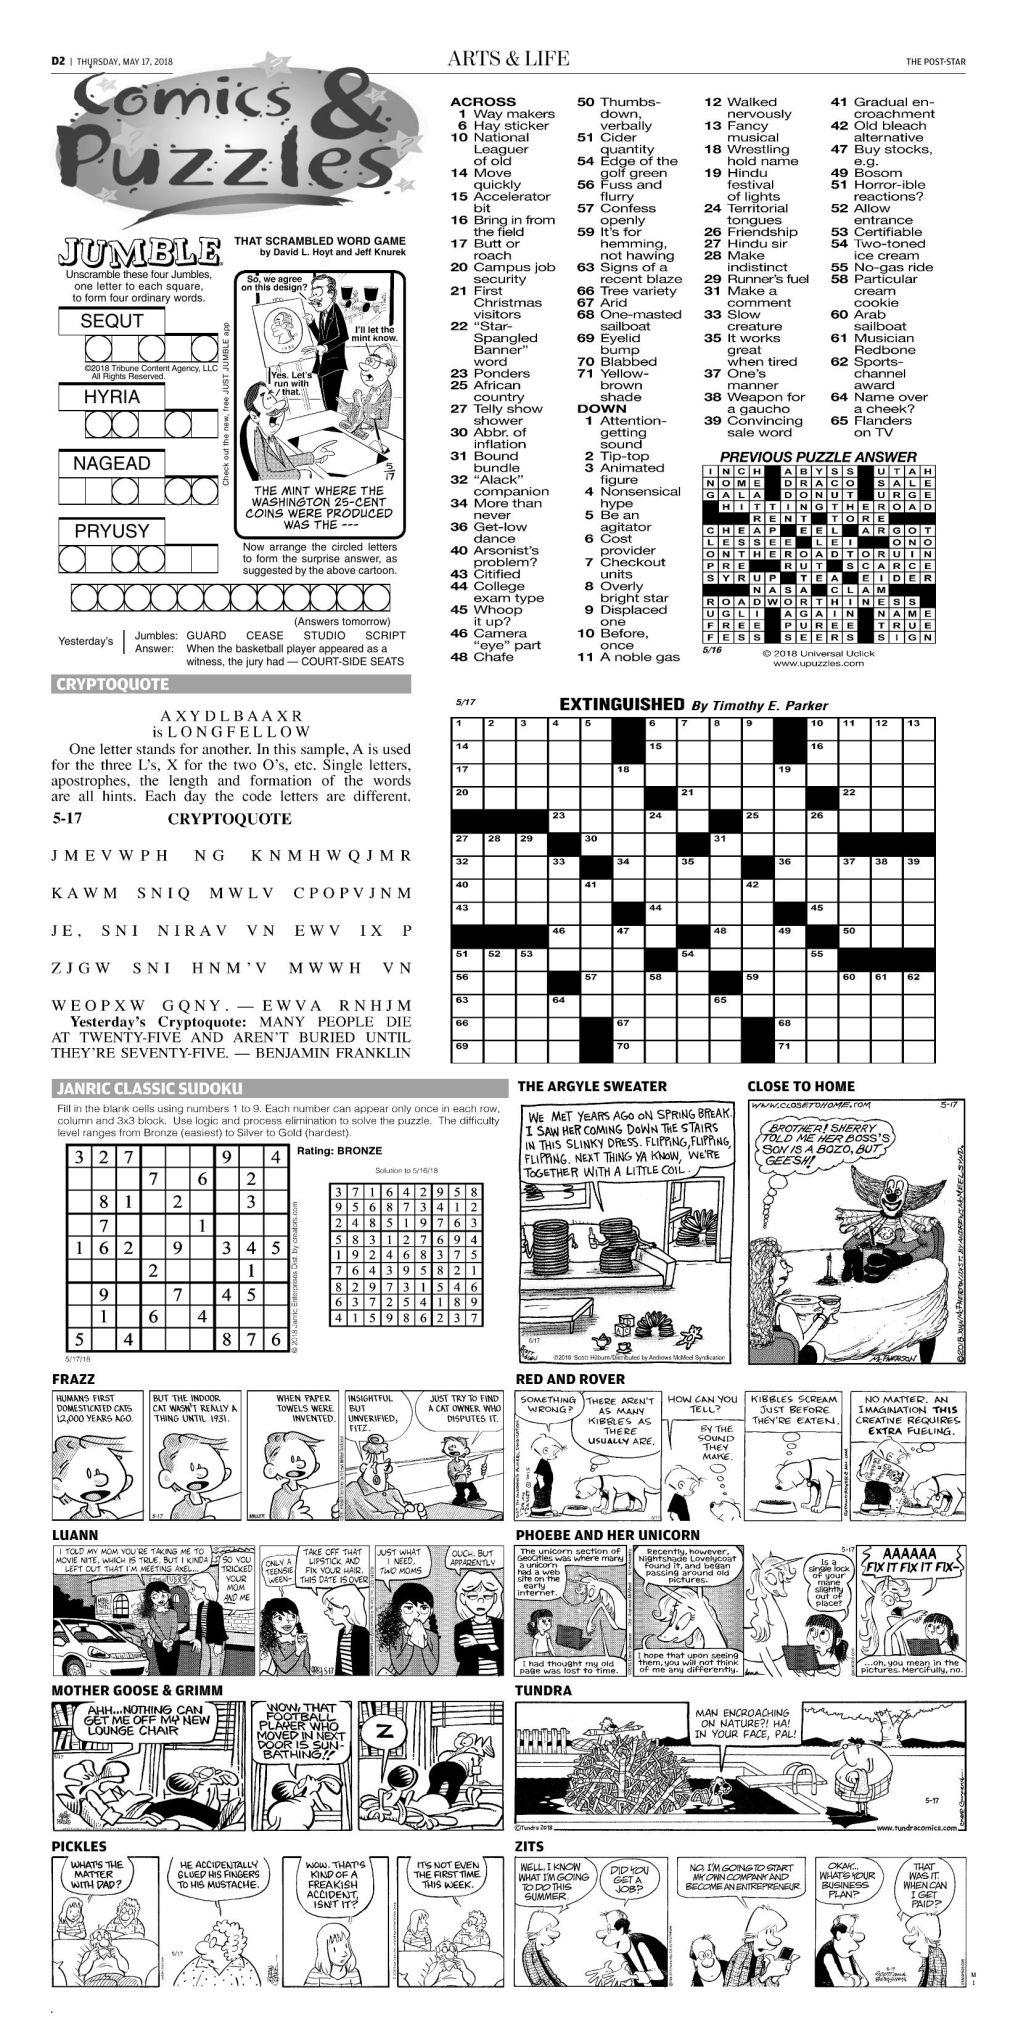 comics | Puzzles & Comics | poststar com